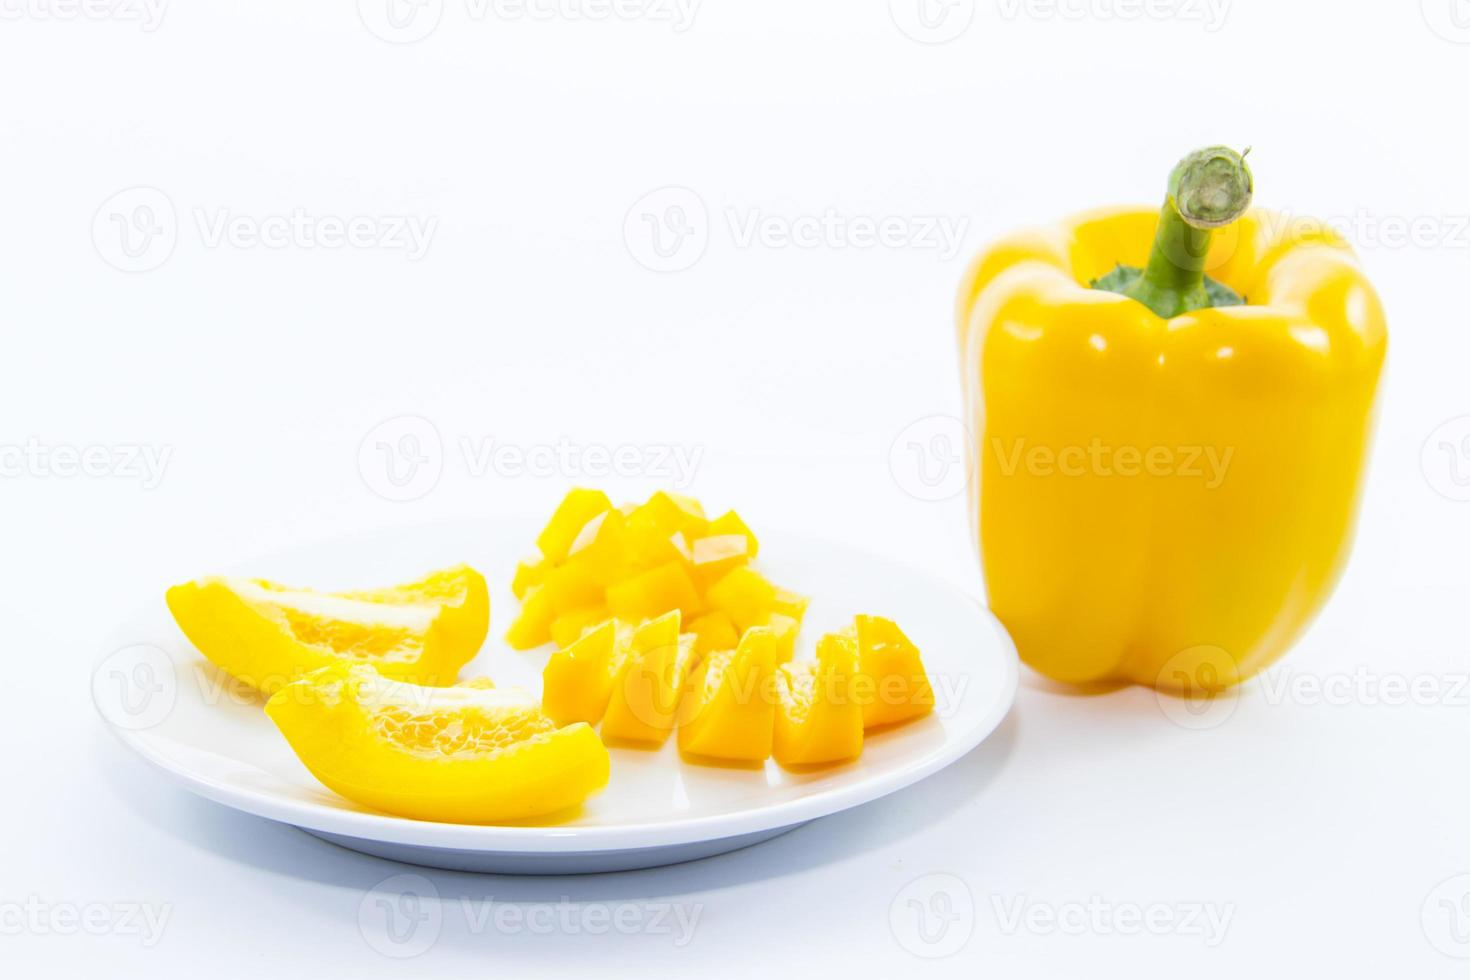 geschnittene gelbe Glocken-Chili-Zutat auf weißem Teller foto